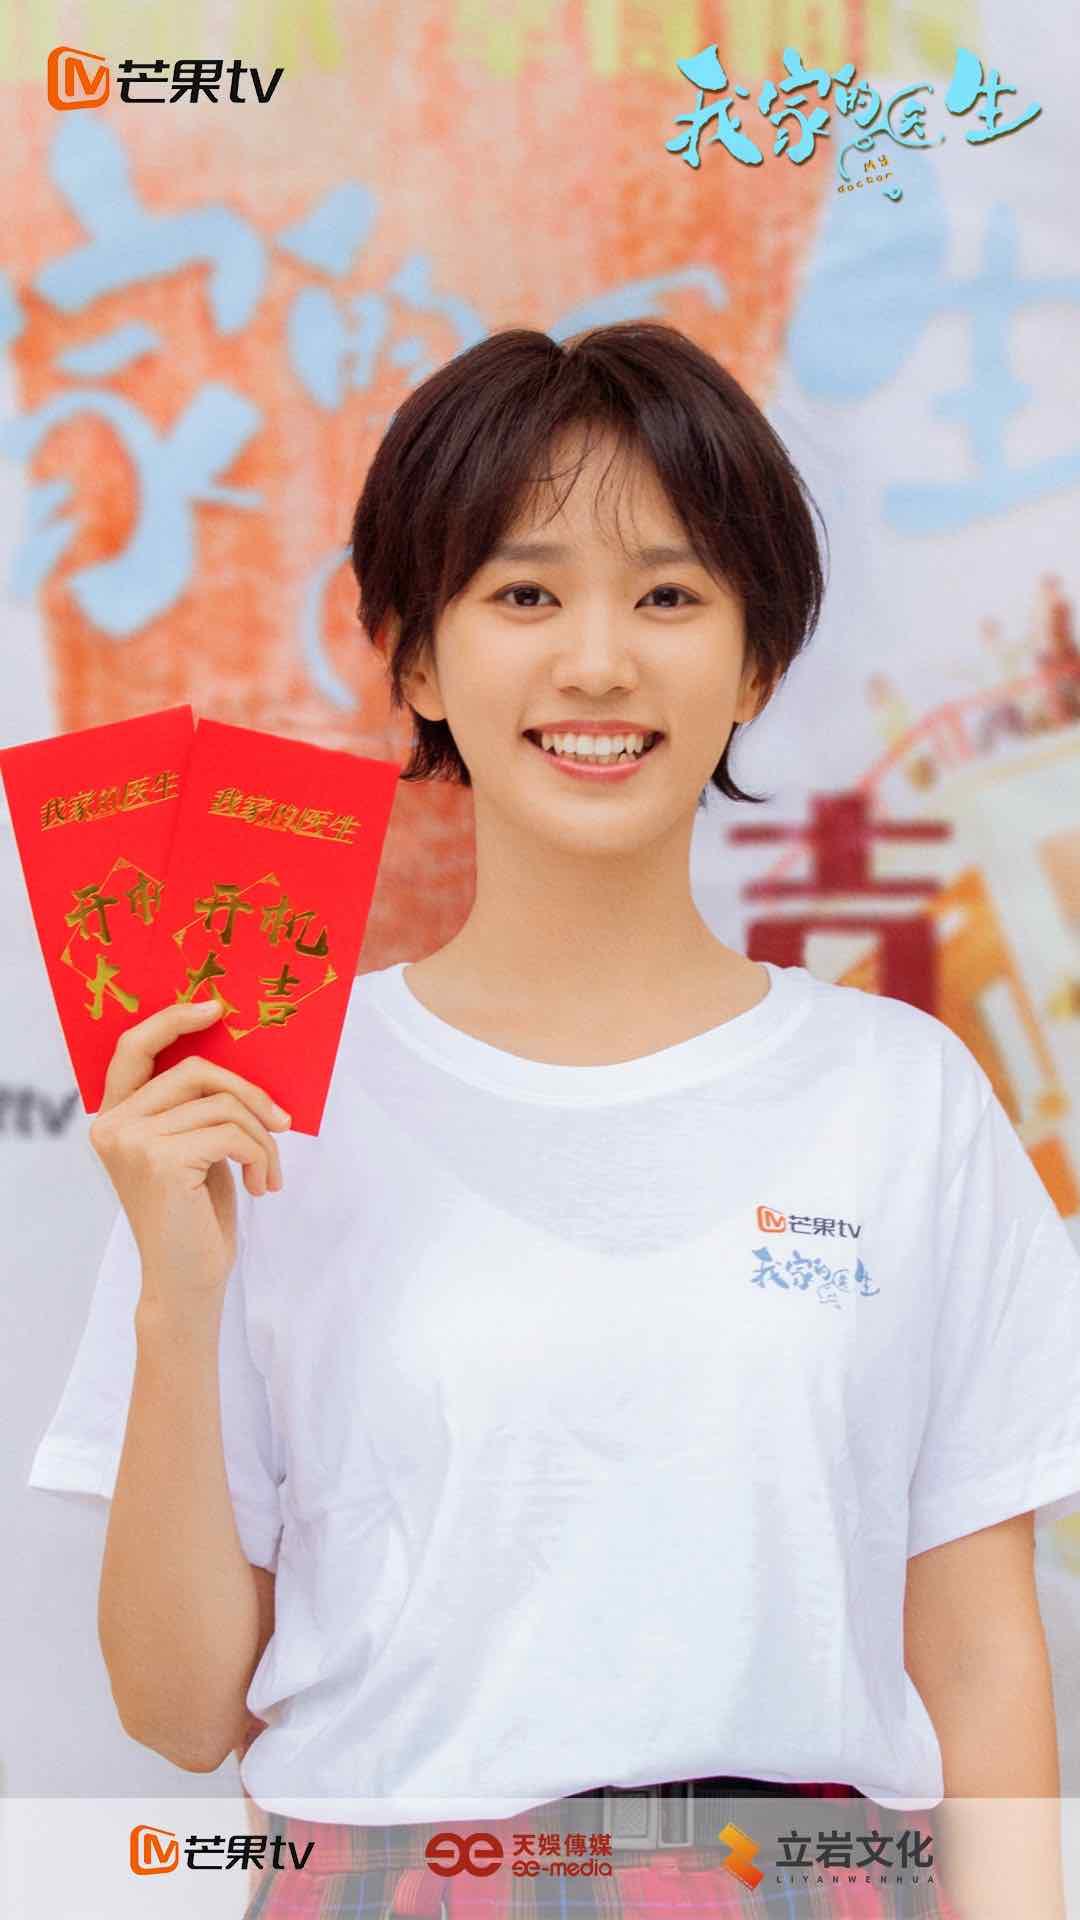 《我家的医生》正式开机 黄尧出演社区医护工作者